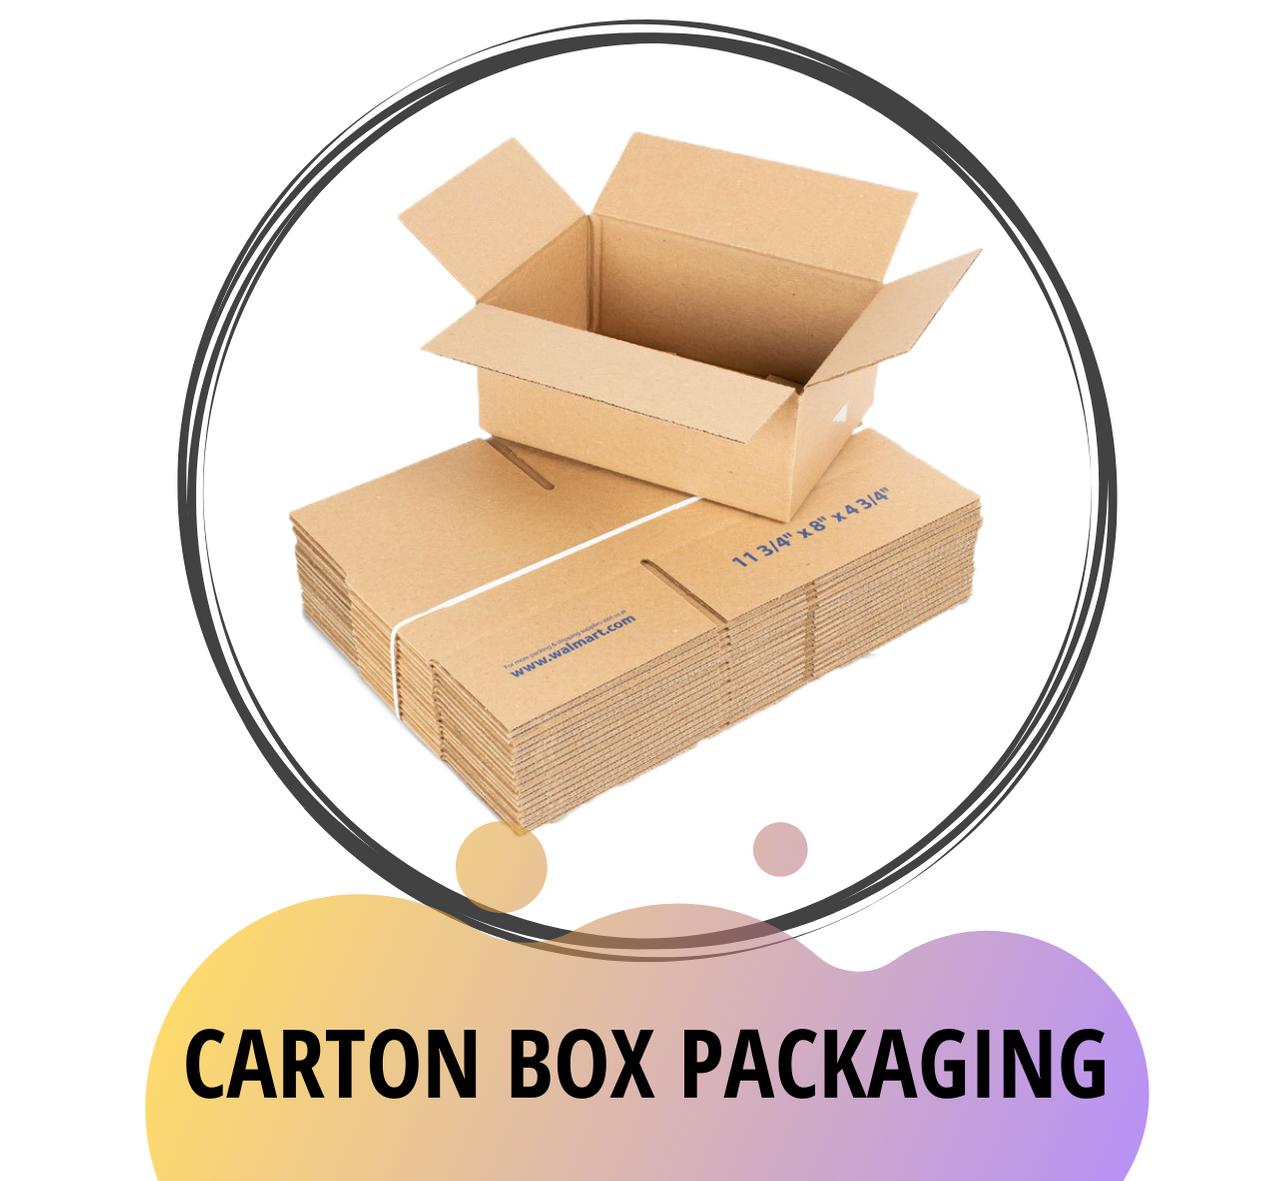 carton-box-printing-services